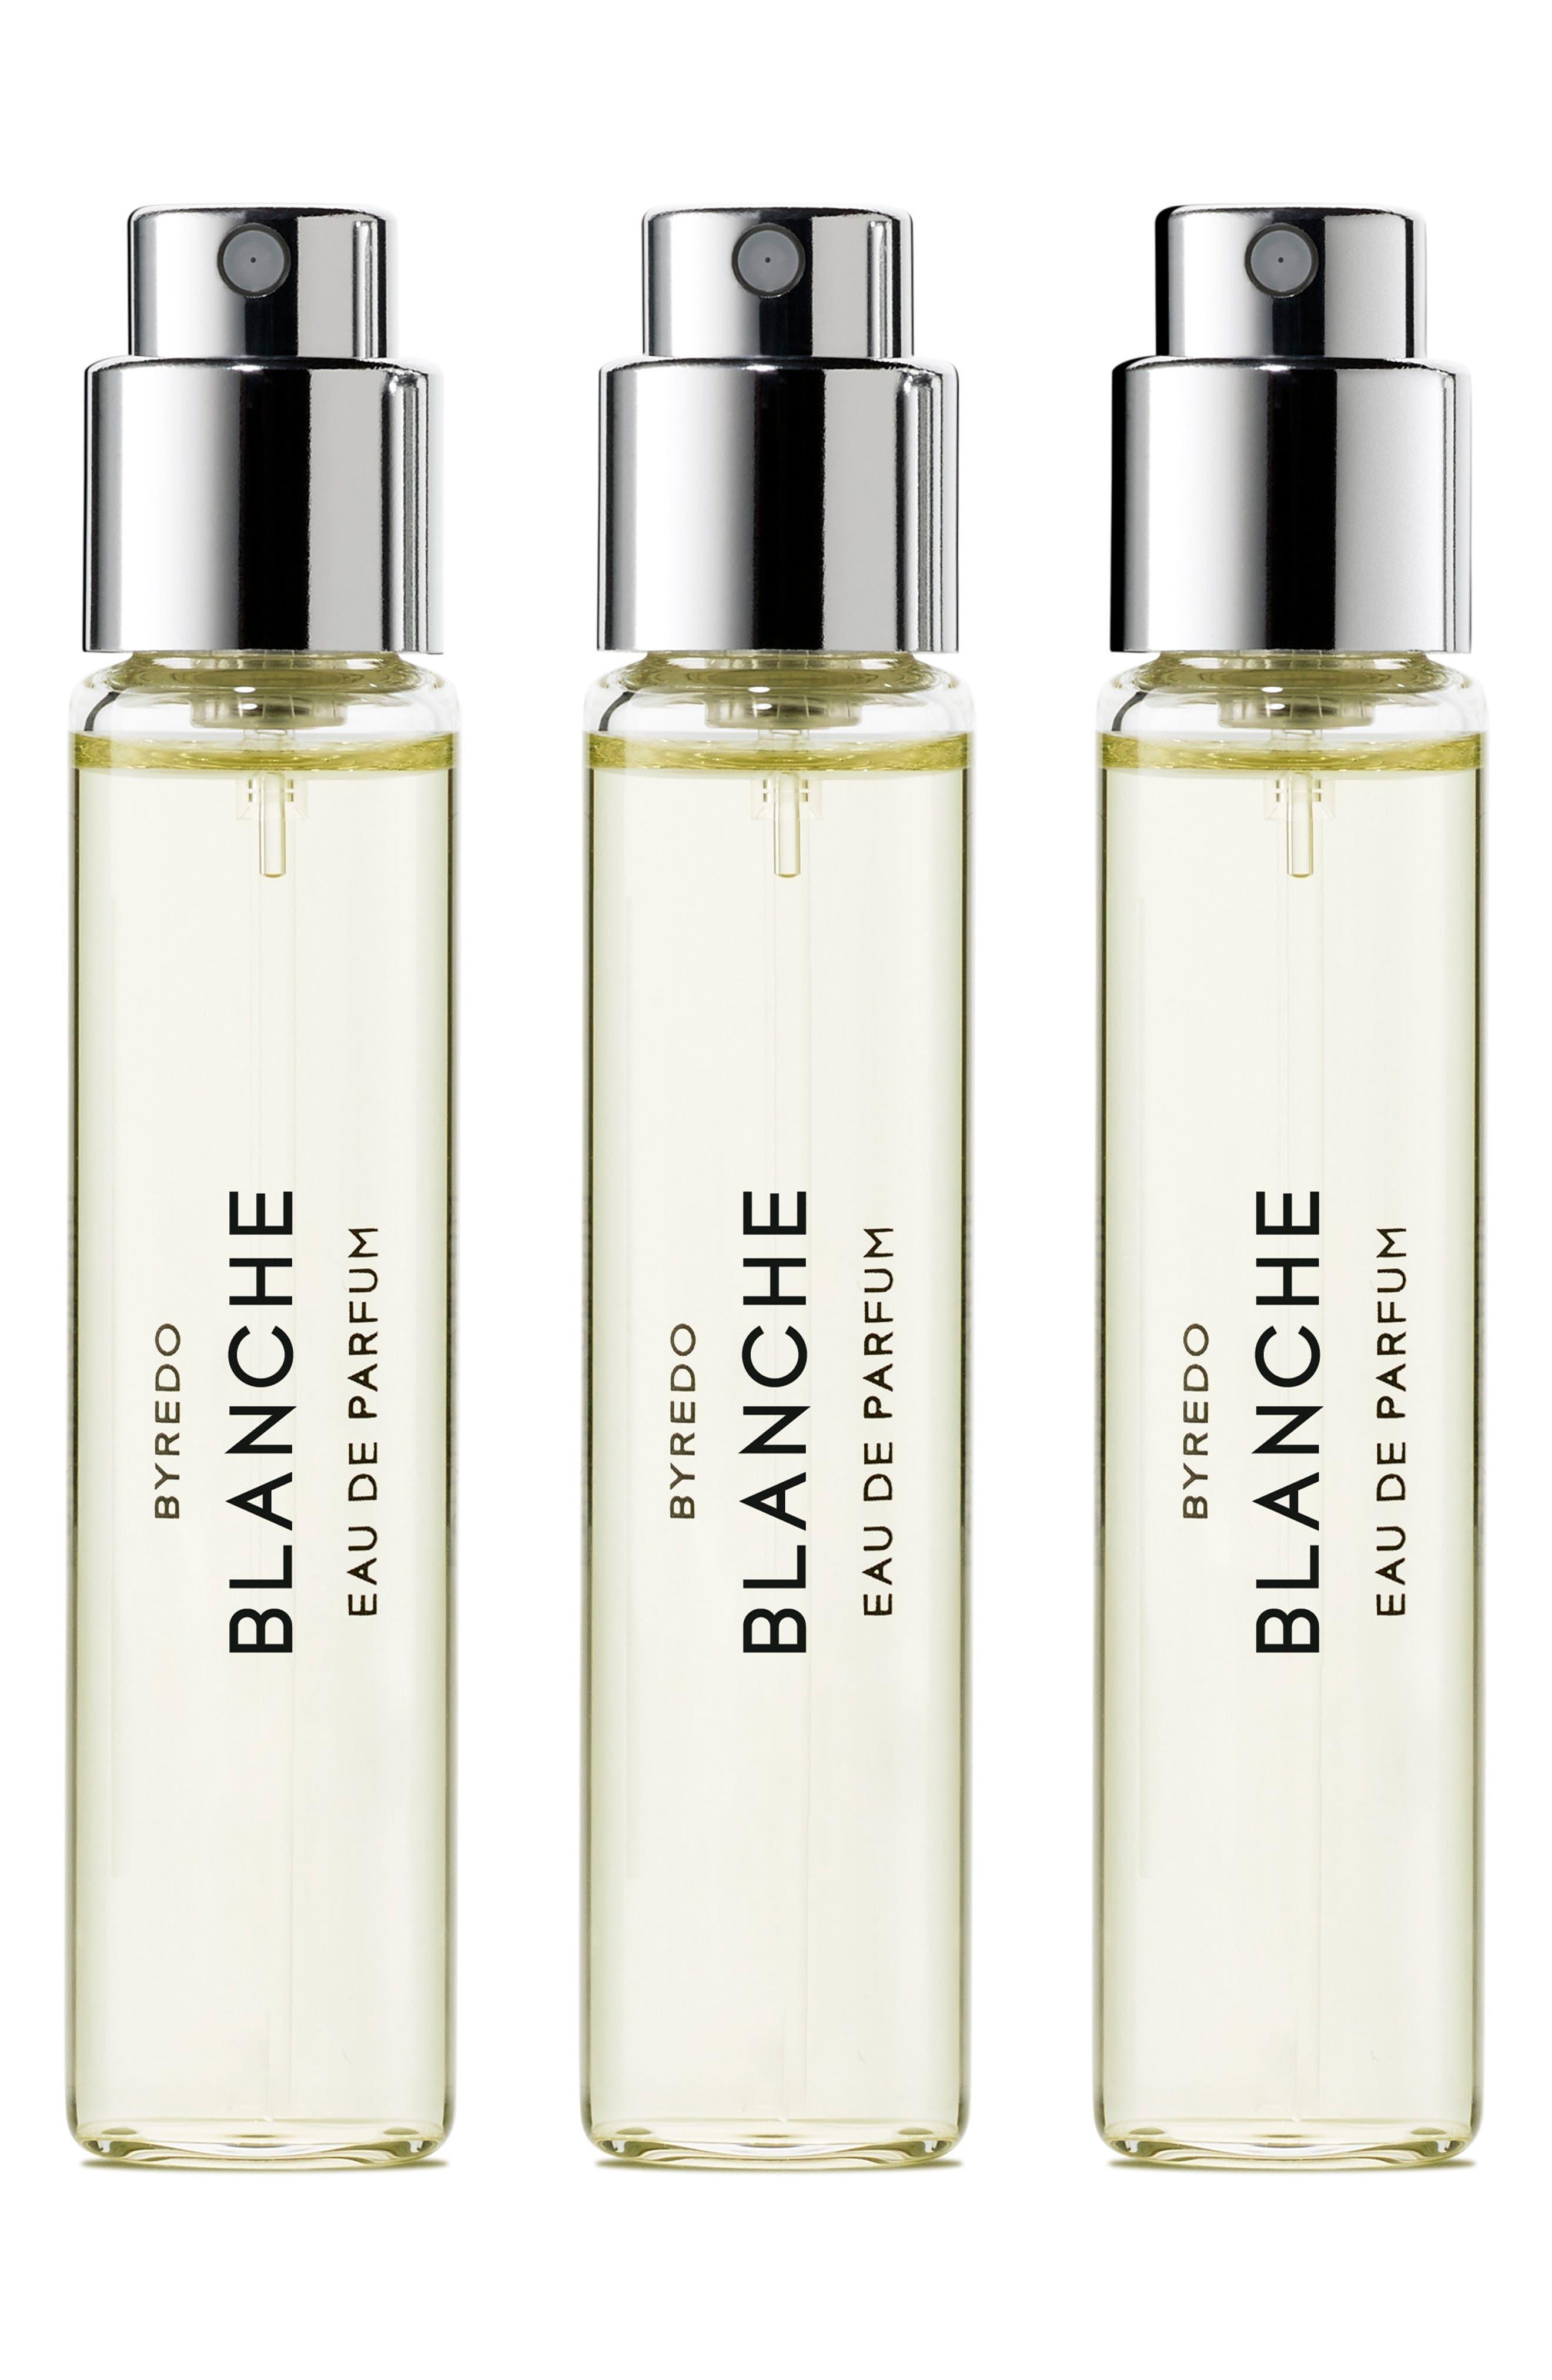 Blanche Eau de Parfum Travel Spray Trio,                         Main,                         color, No Color